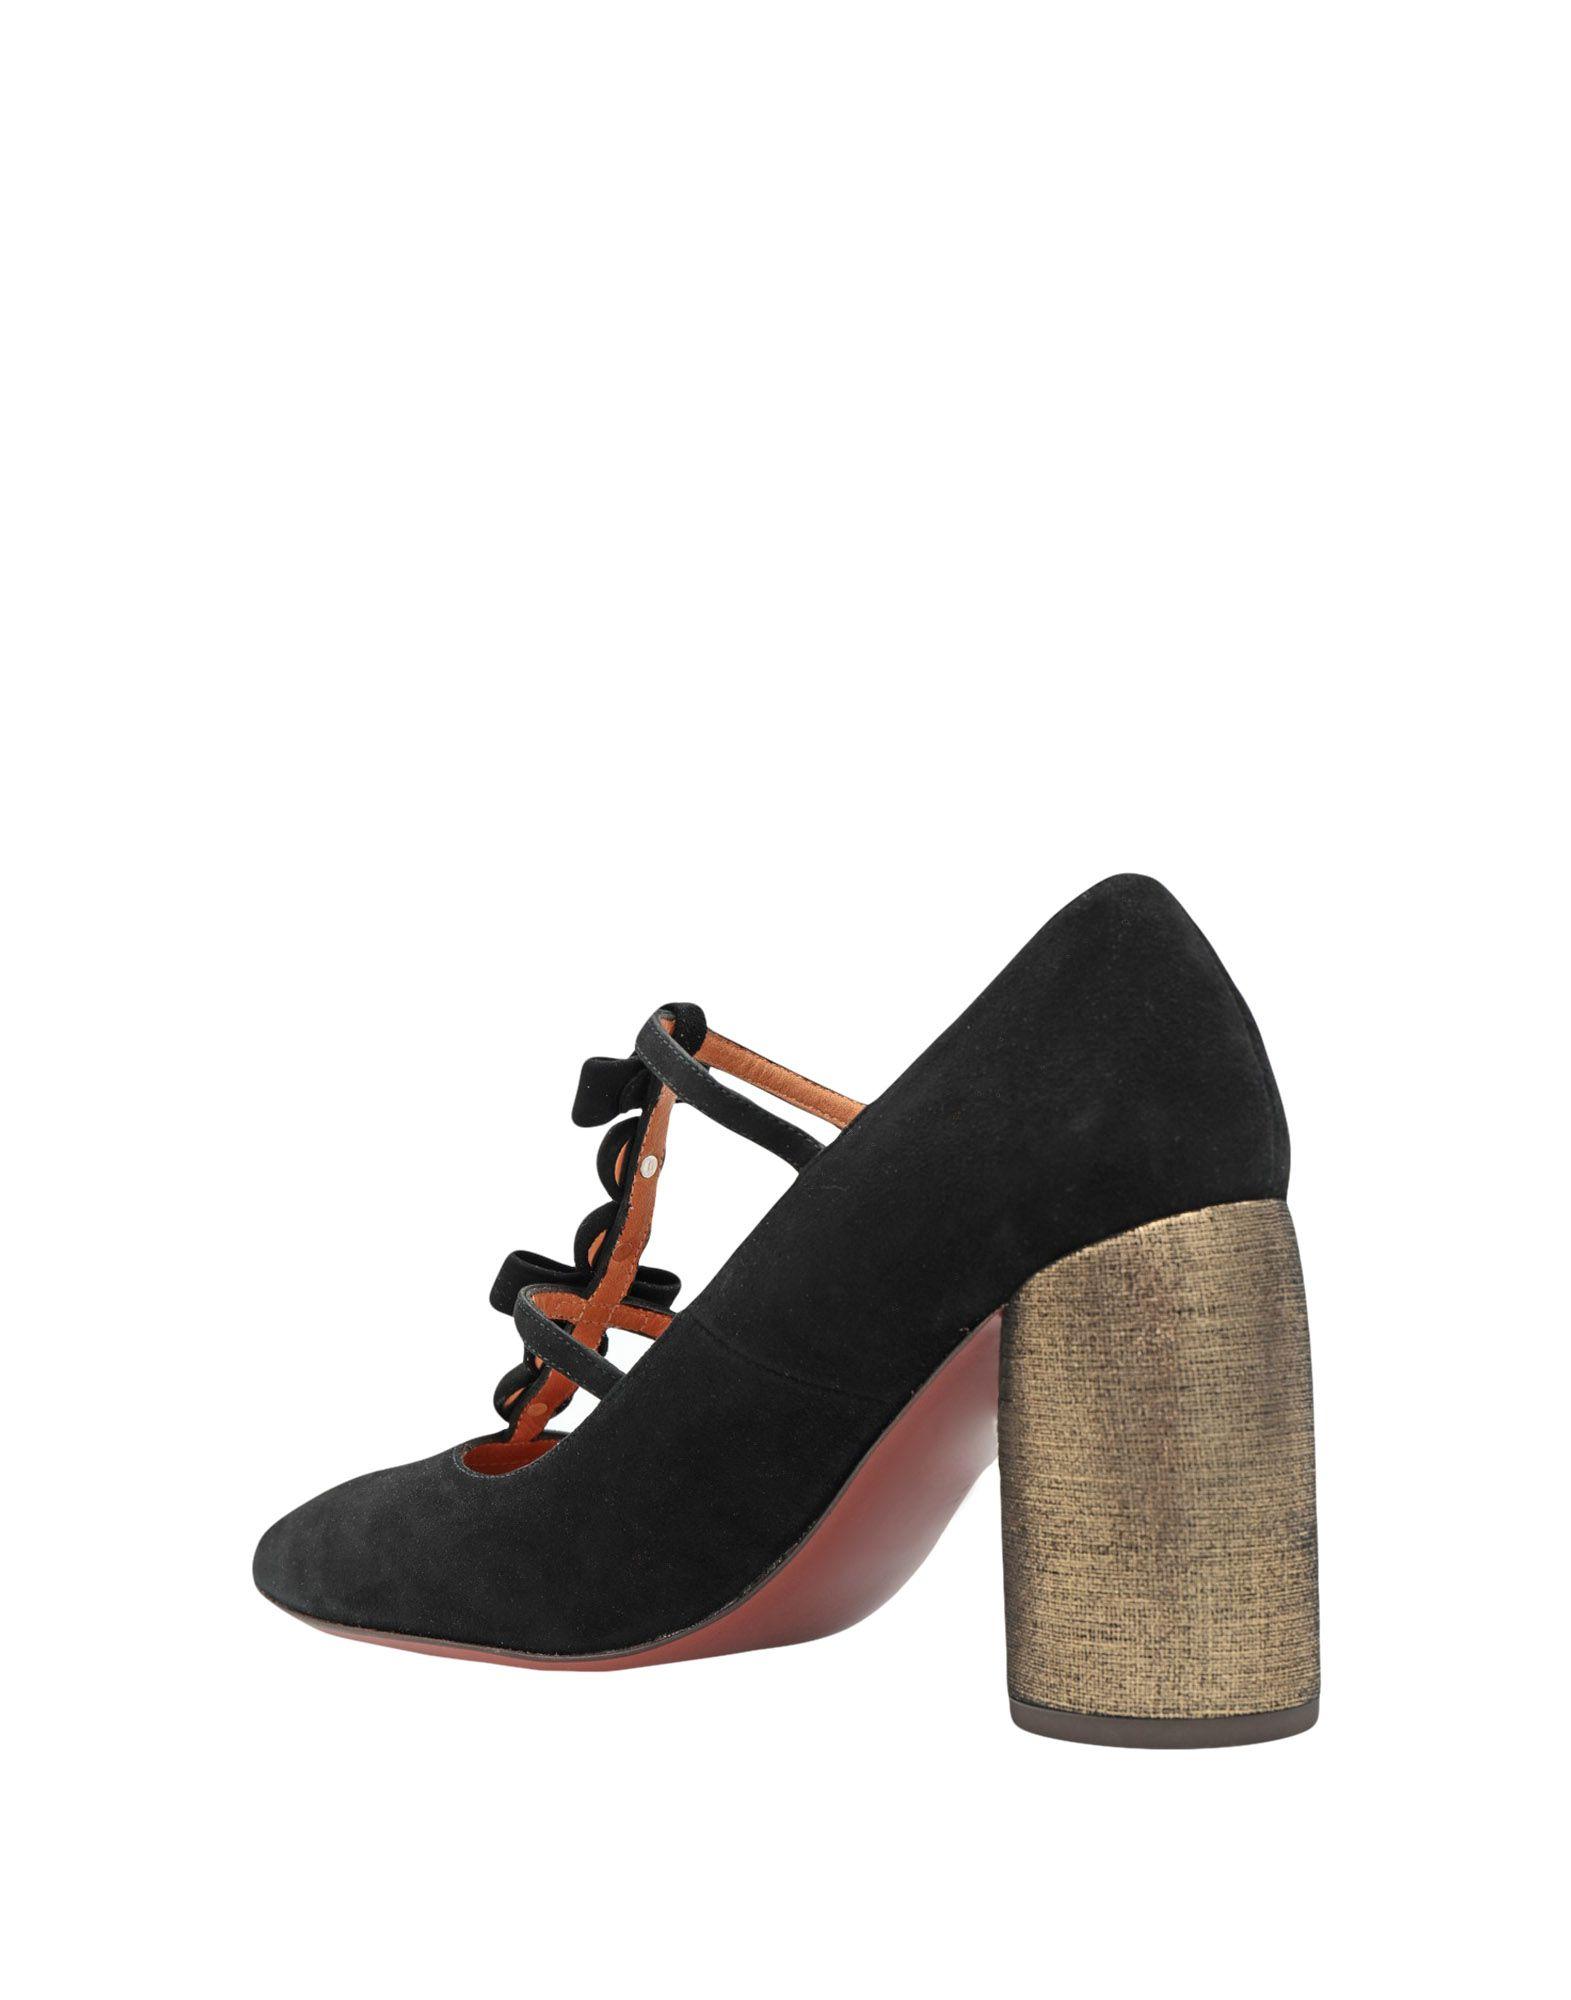 Rabatt Damen Schuhe Chie Mihara Pumps Damen Rabatt  11549626AQ 0df41d